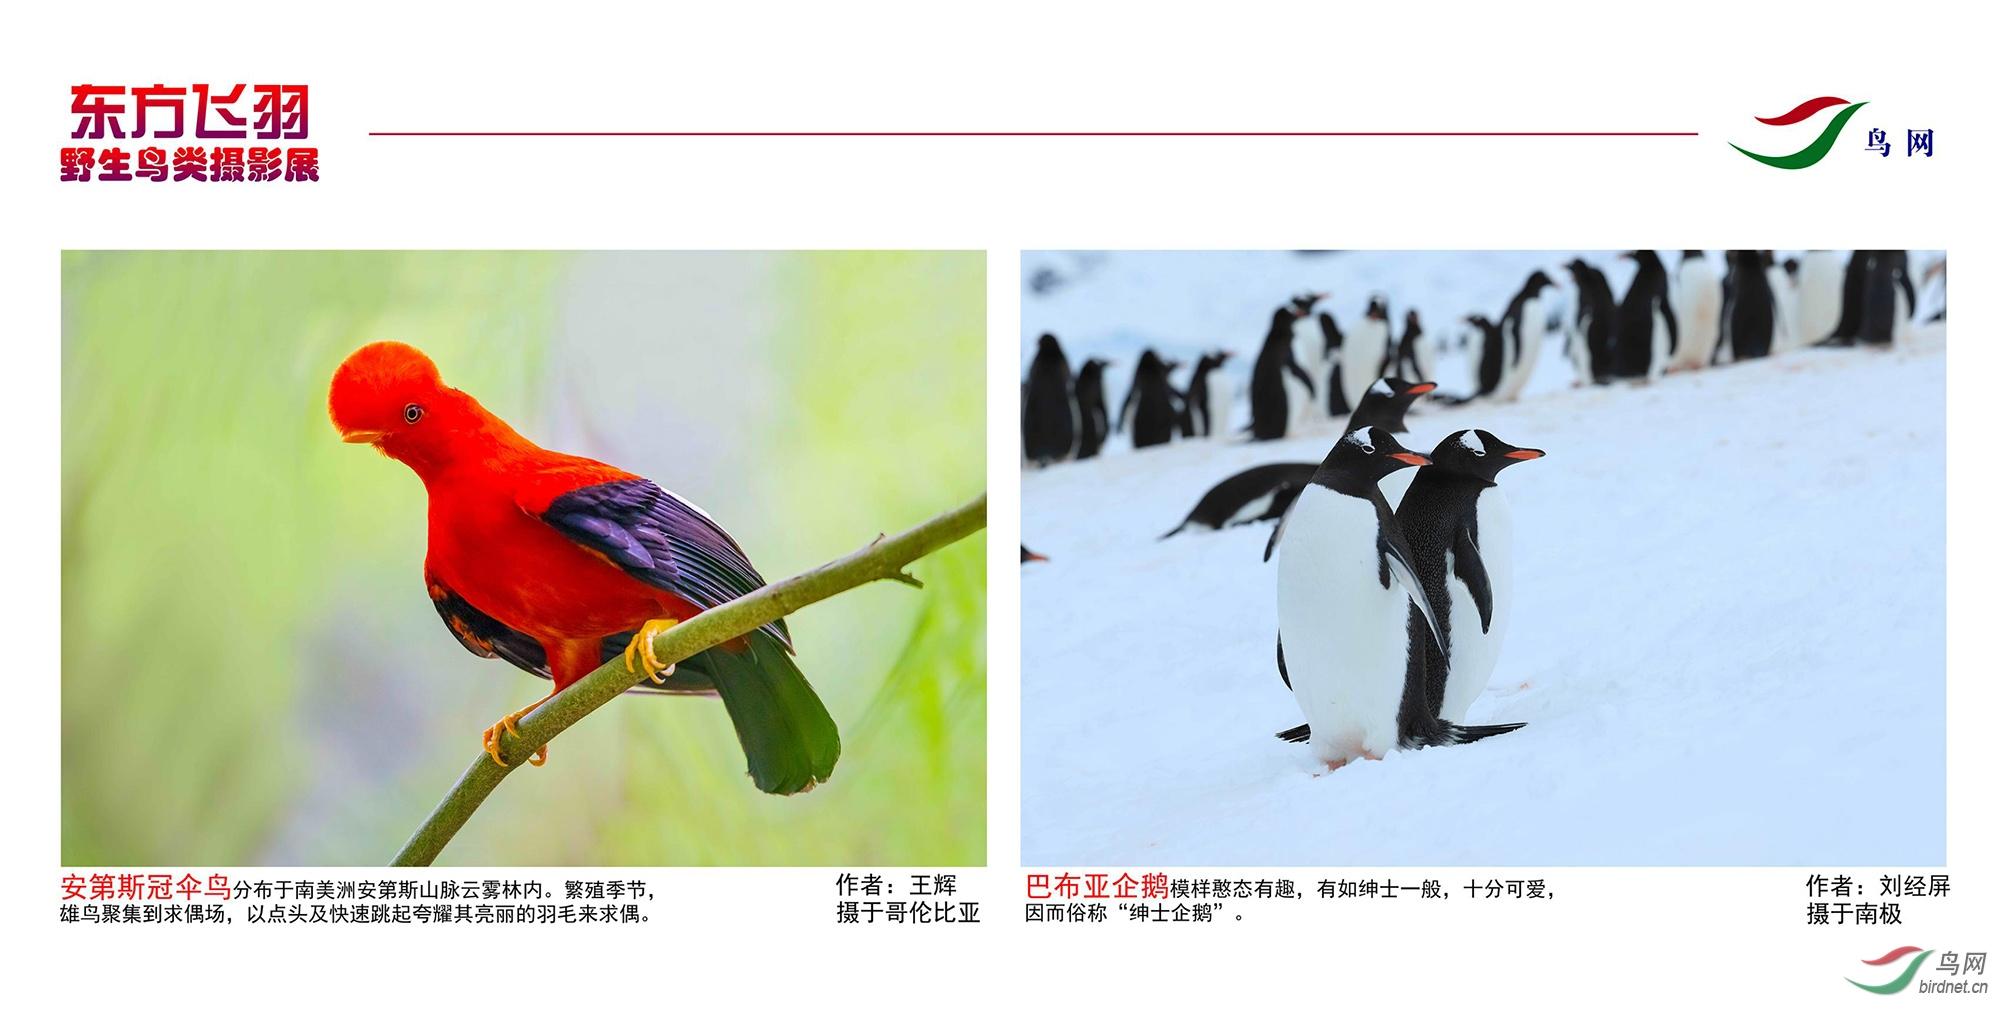 1_东方明珠摄影展照片_00.jpg